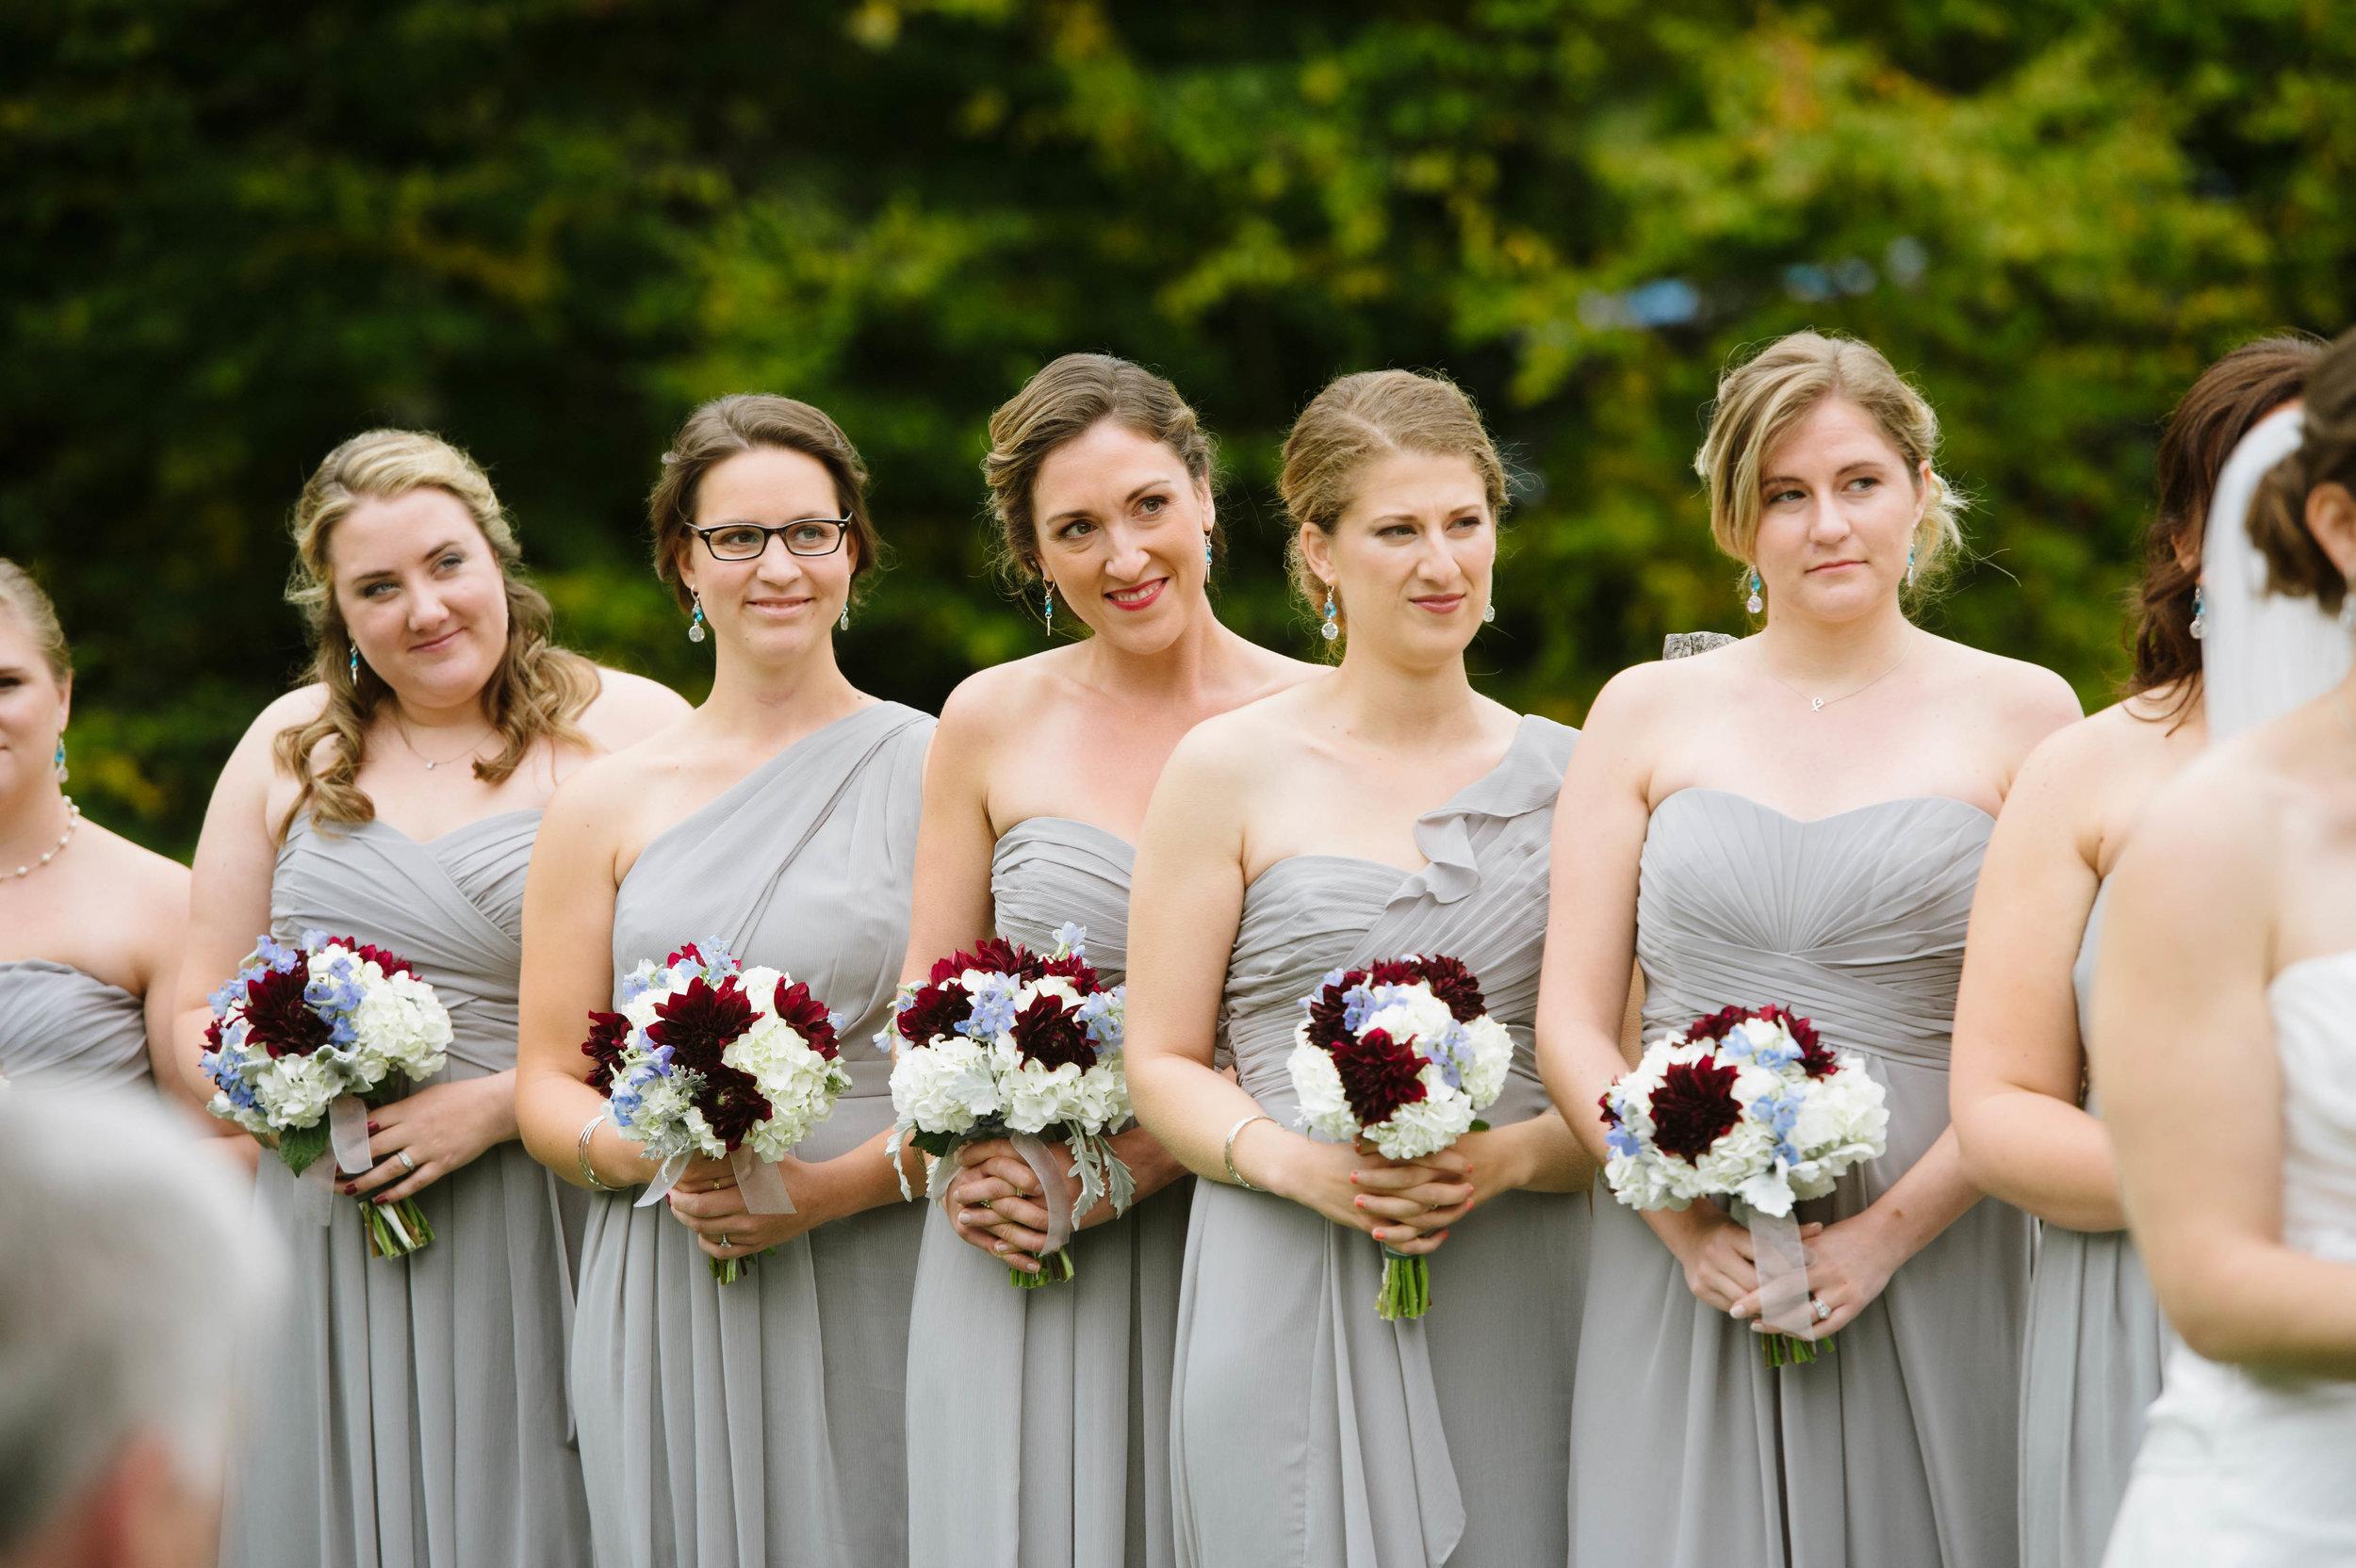 Candid-Wedding-Photography-Massachusetts010.jpg